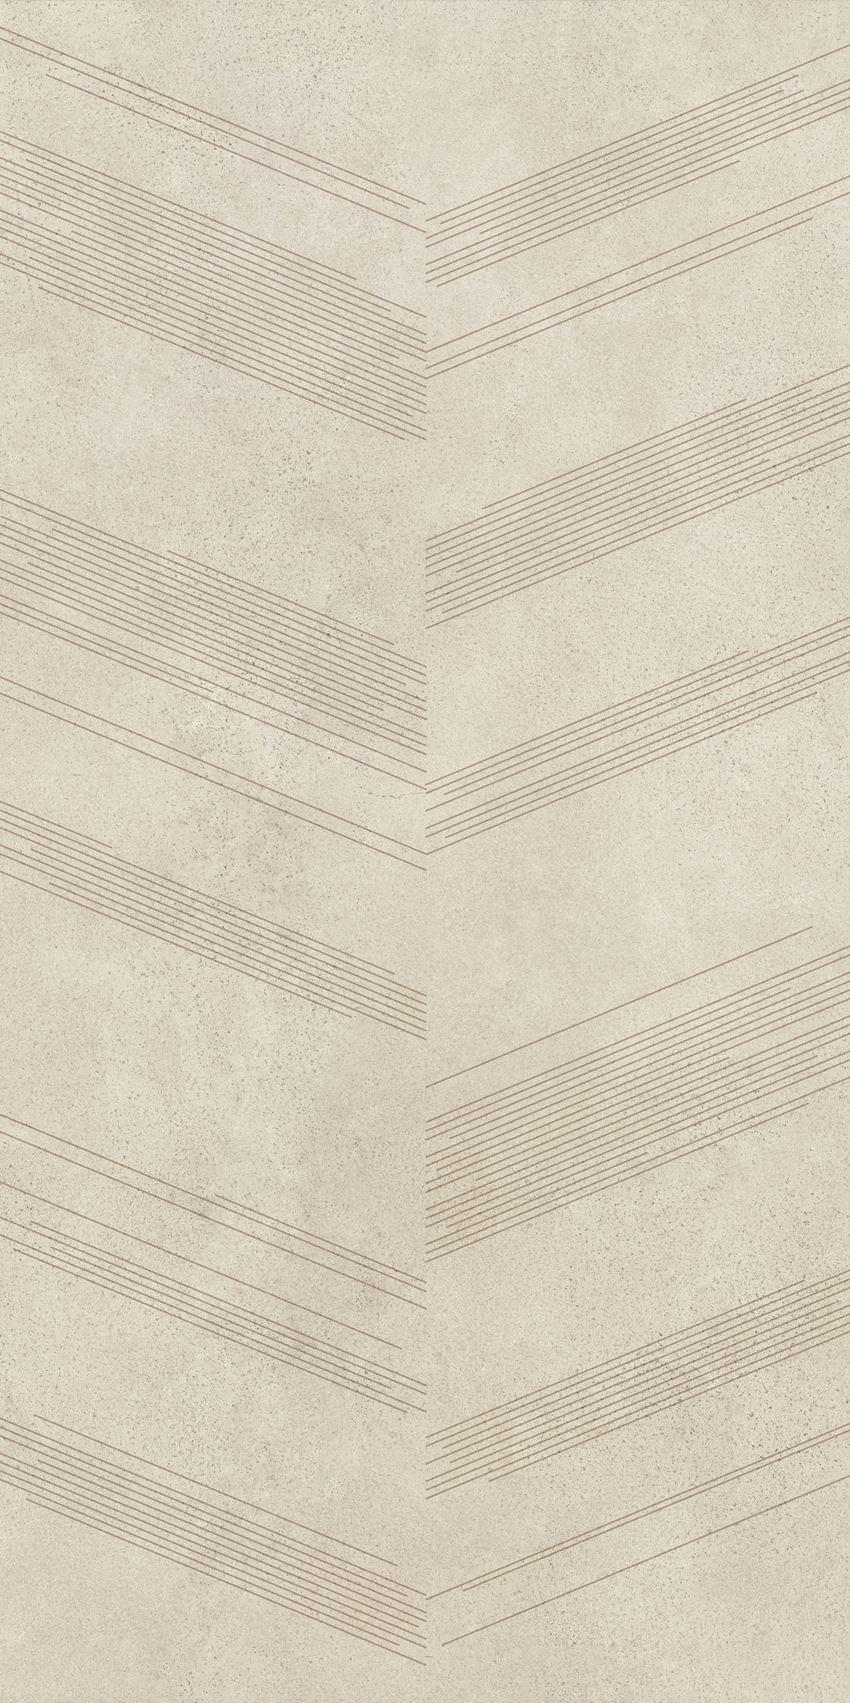 Płytka dekoracyjna 59,8x119,8 cm Paradyż Silkdust Light Beige